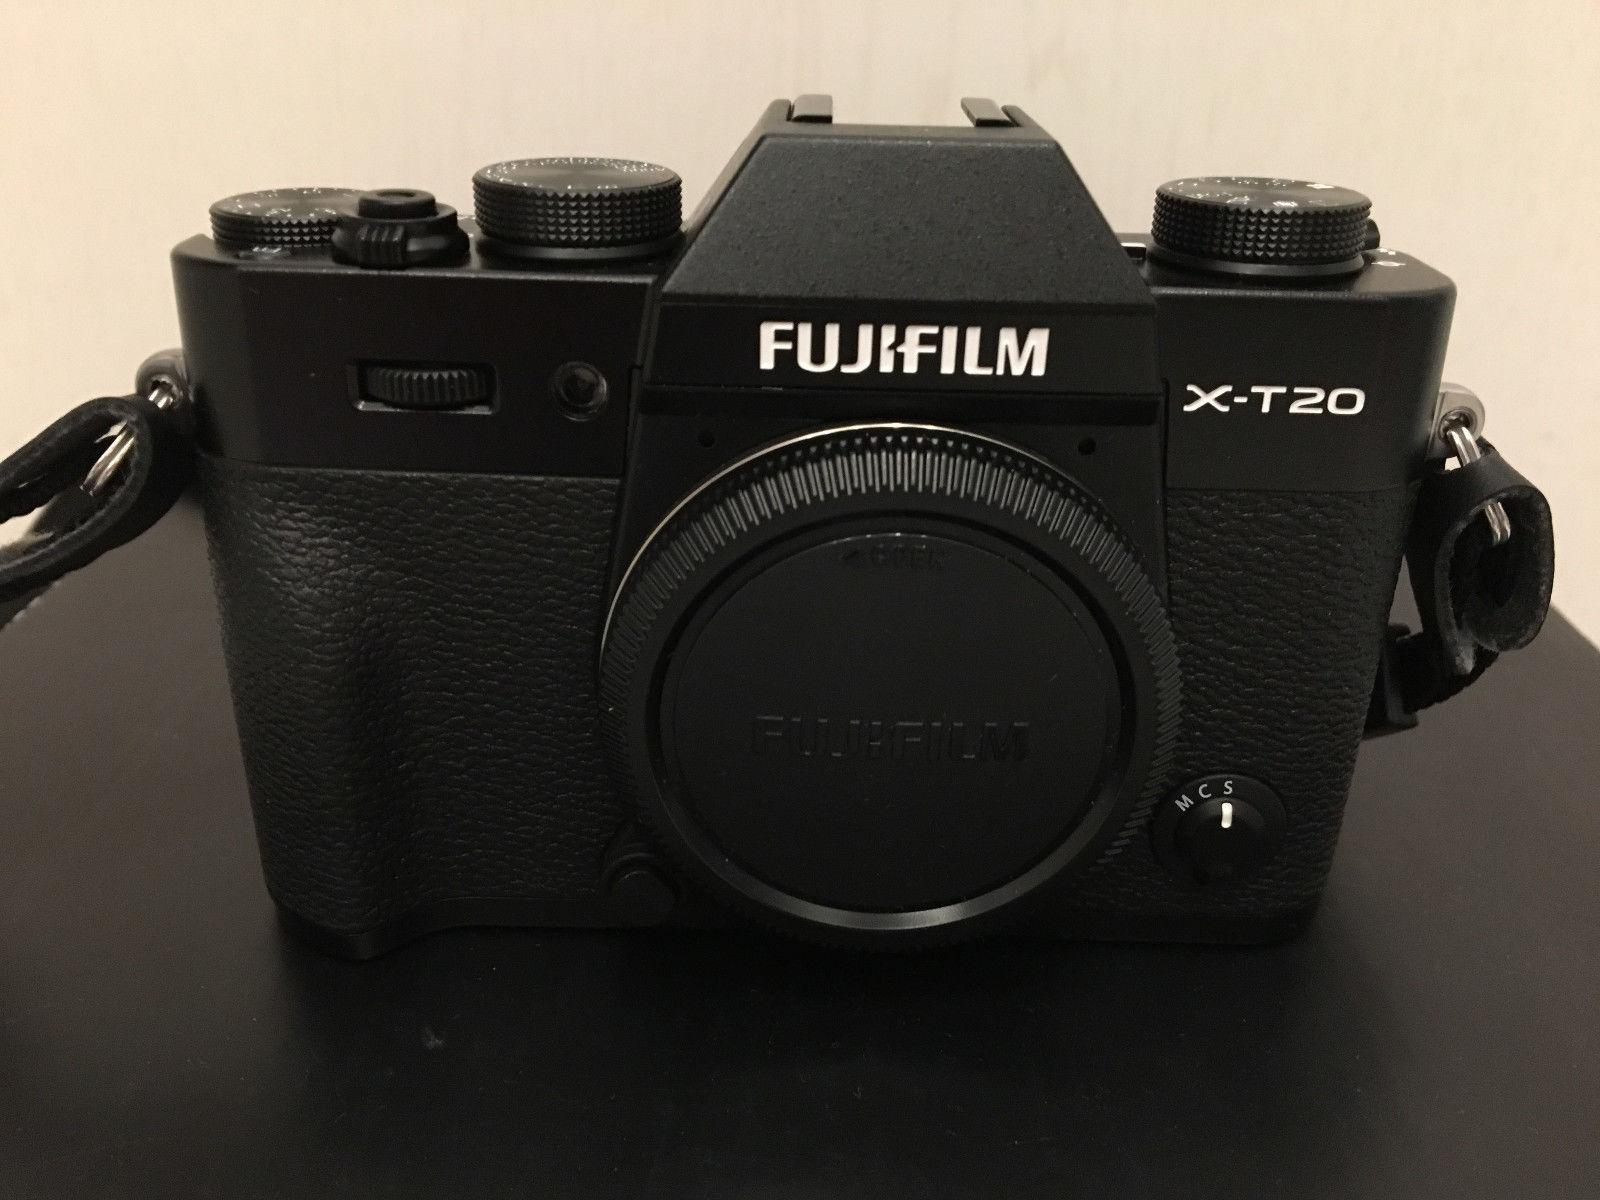 Fuji X-T20 Body schwarz -wie neu- unter 500 Auslösungen - inkl. Rechnung